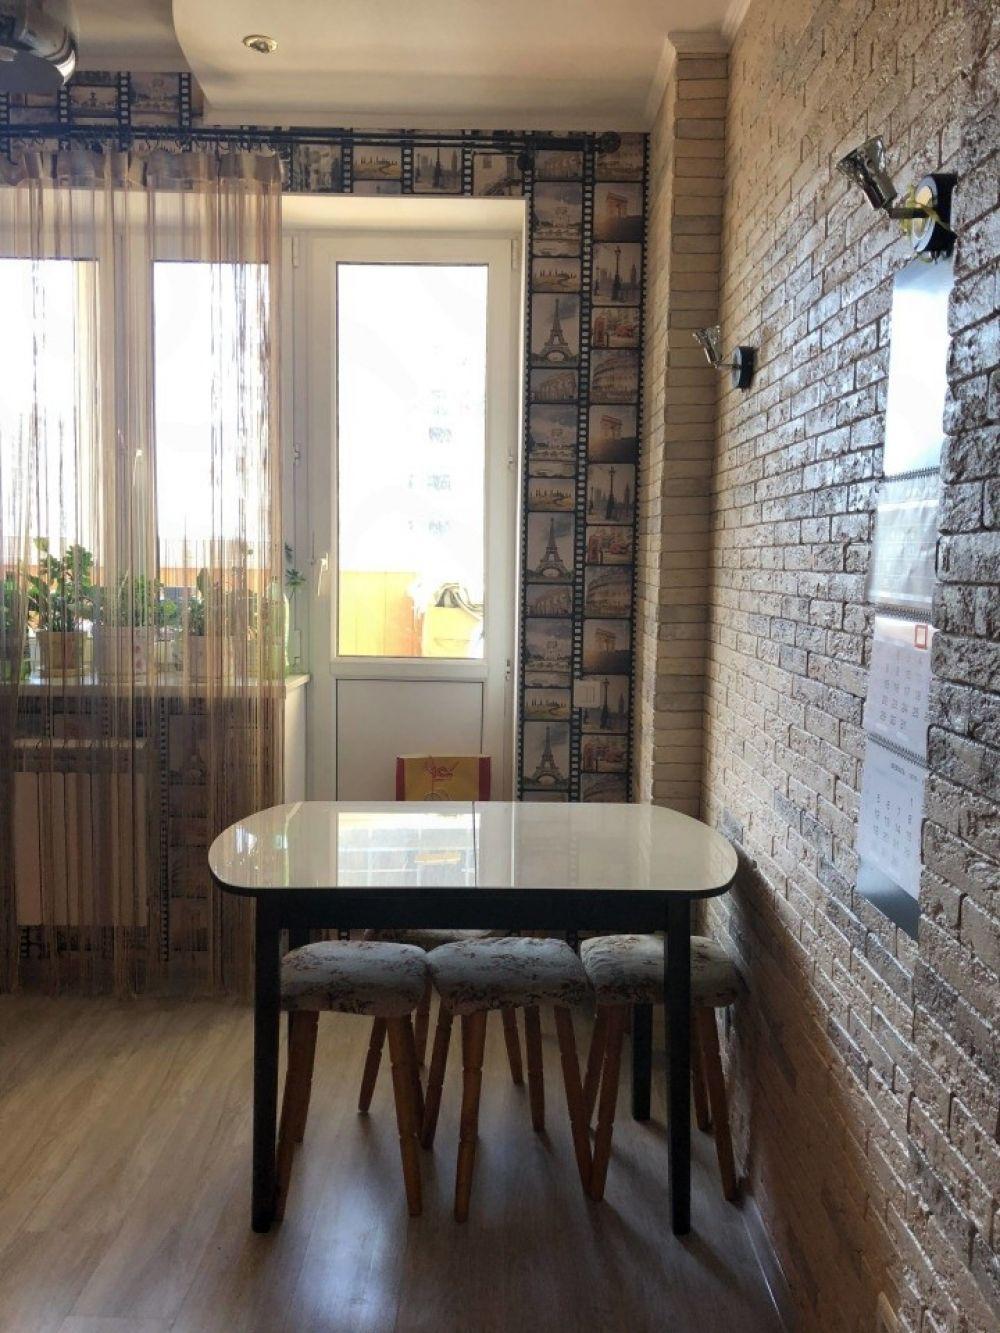 3-к квартира, п. Свердловский, ул. Строителей, 6, фото 7